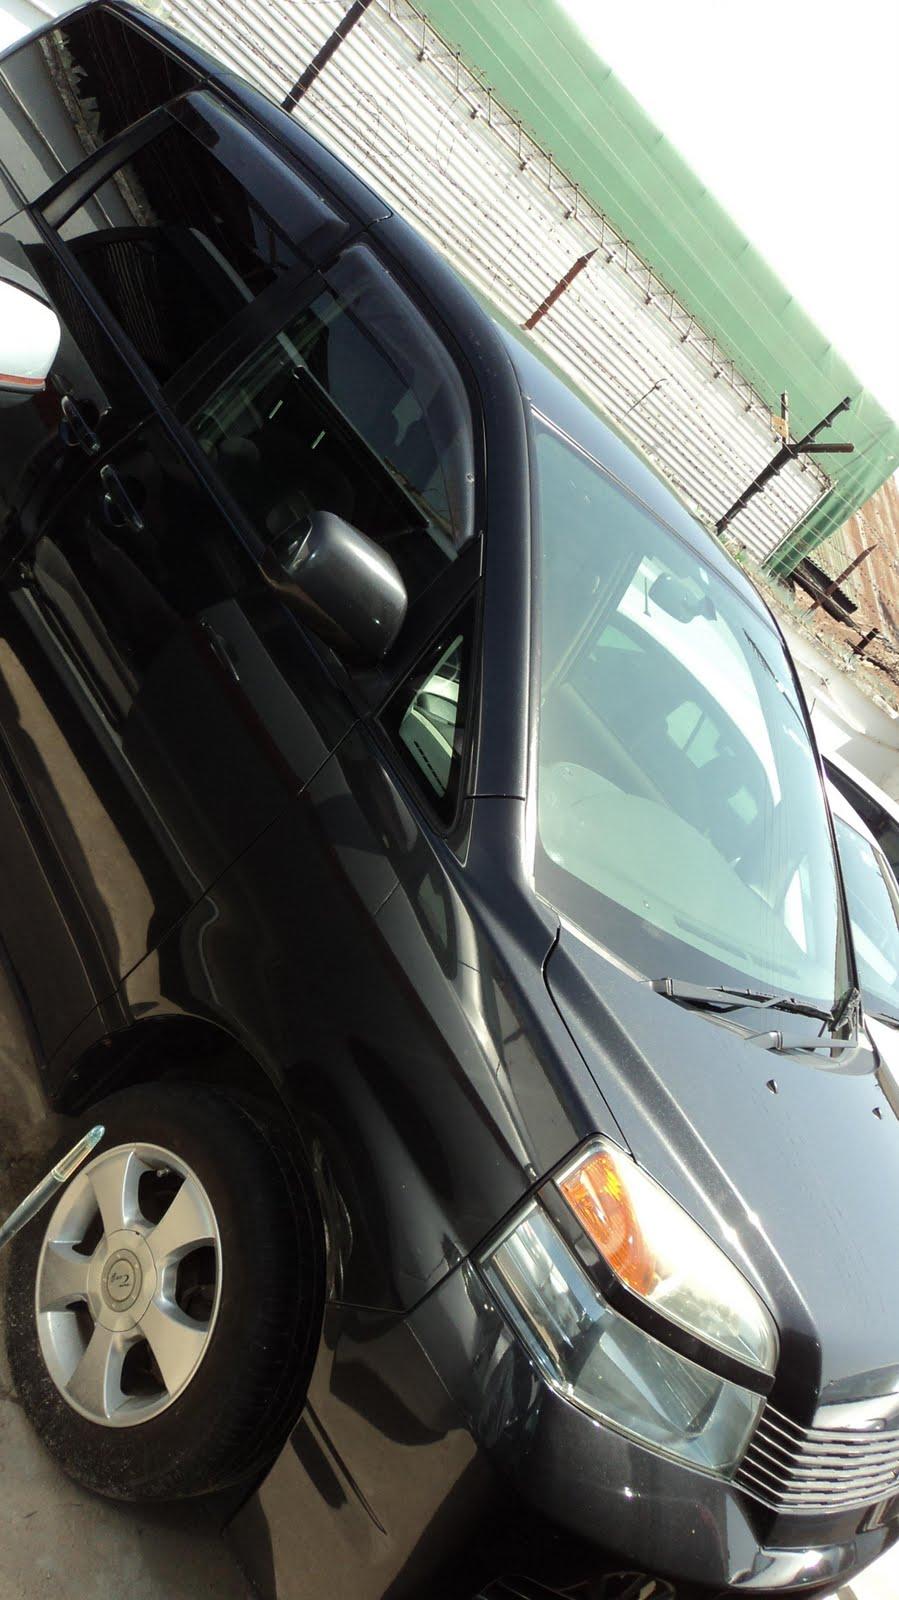 Toyota Vitz,Toyota Opa,Toyota Premio,Toyota Vitz,Toyota Voxy: Mombasa